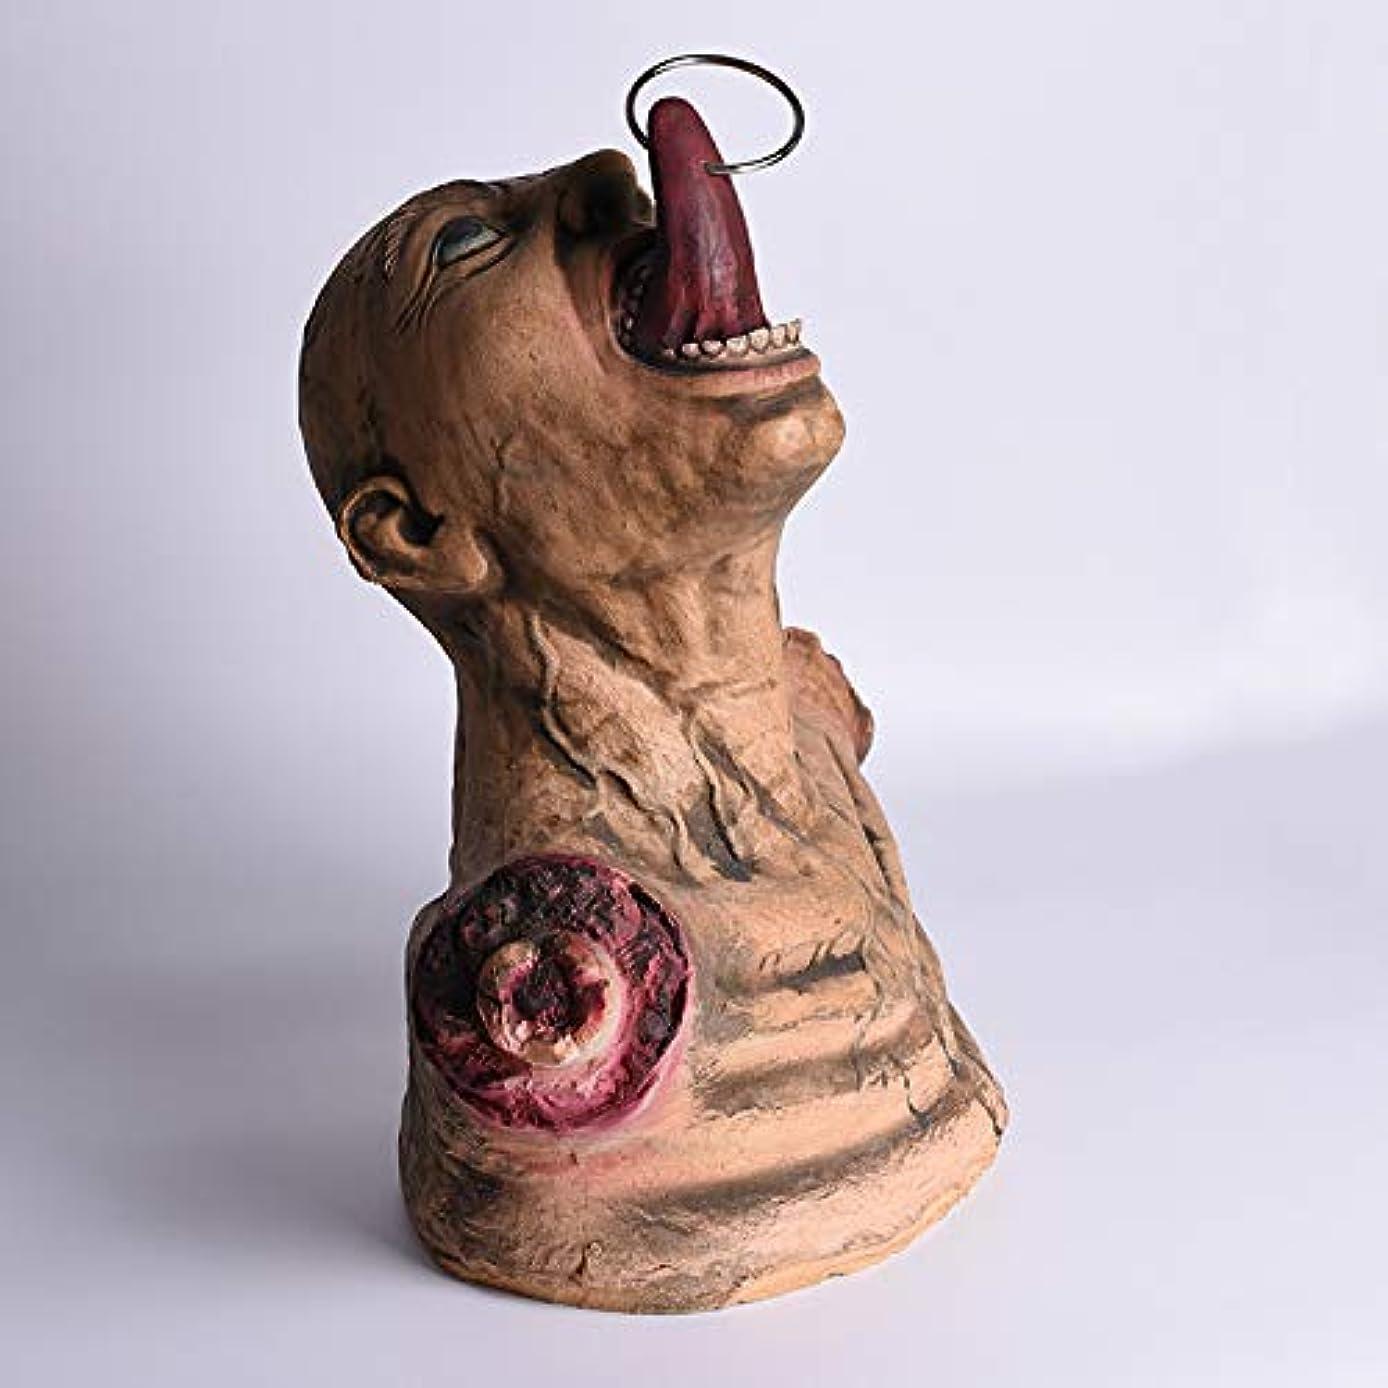 情緒的に向かって通知ETRRUU HOME ハロウィーンお化けハウスルームエスケープ怖い小道具恐怖壊れた手ぶら下げ幽霊死体全身ゾンビ装飾